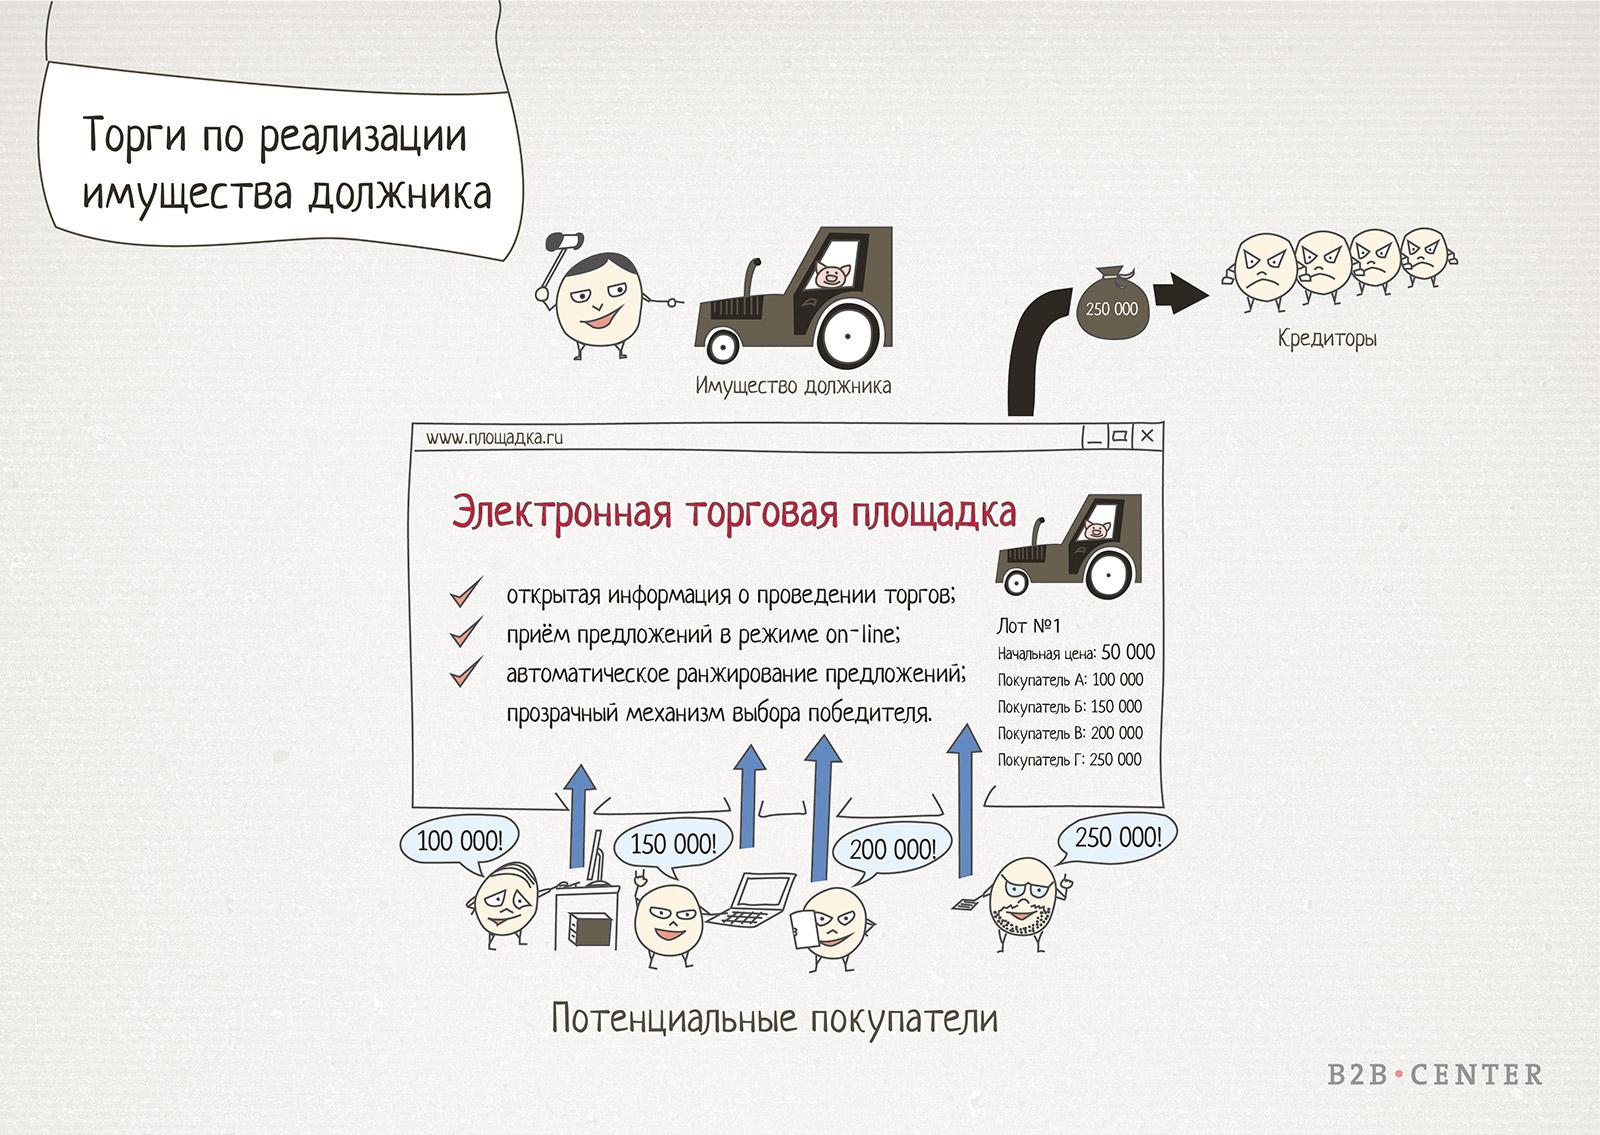 Иллюстрация для статьи об электронных торгах